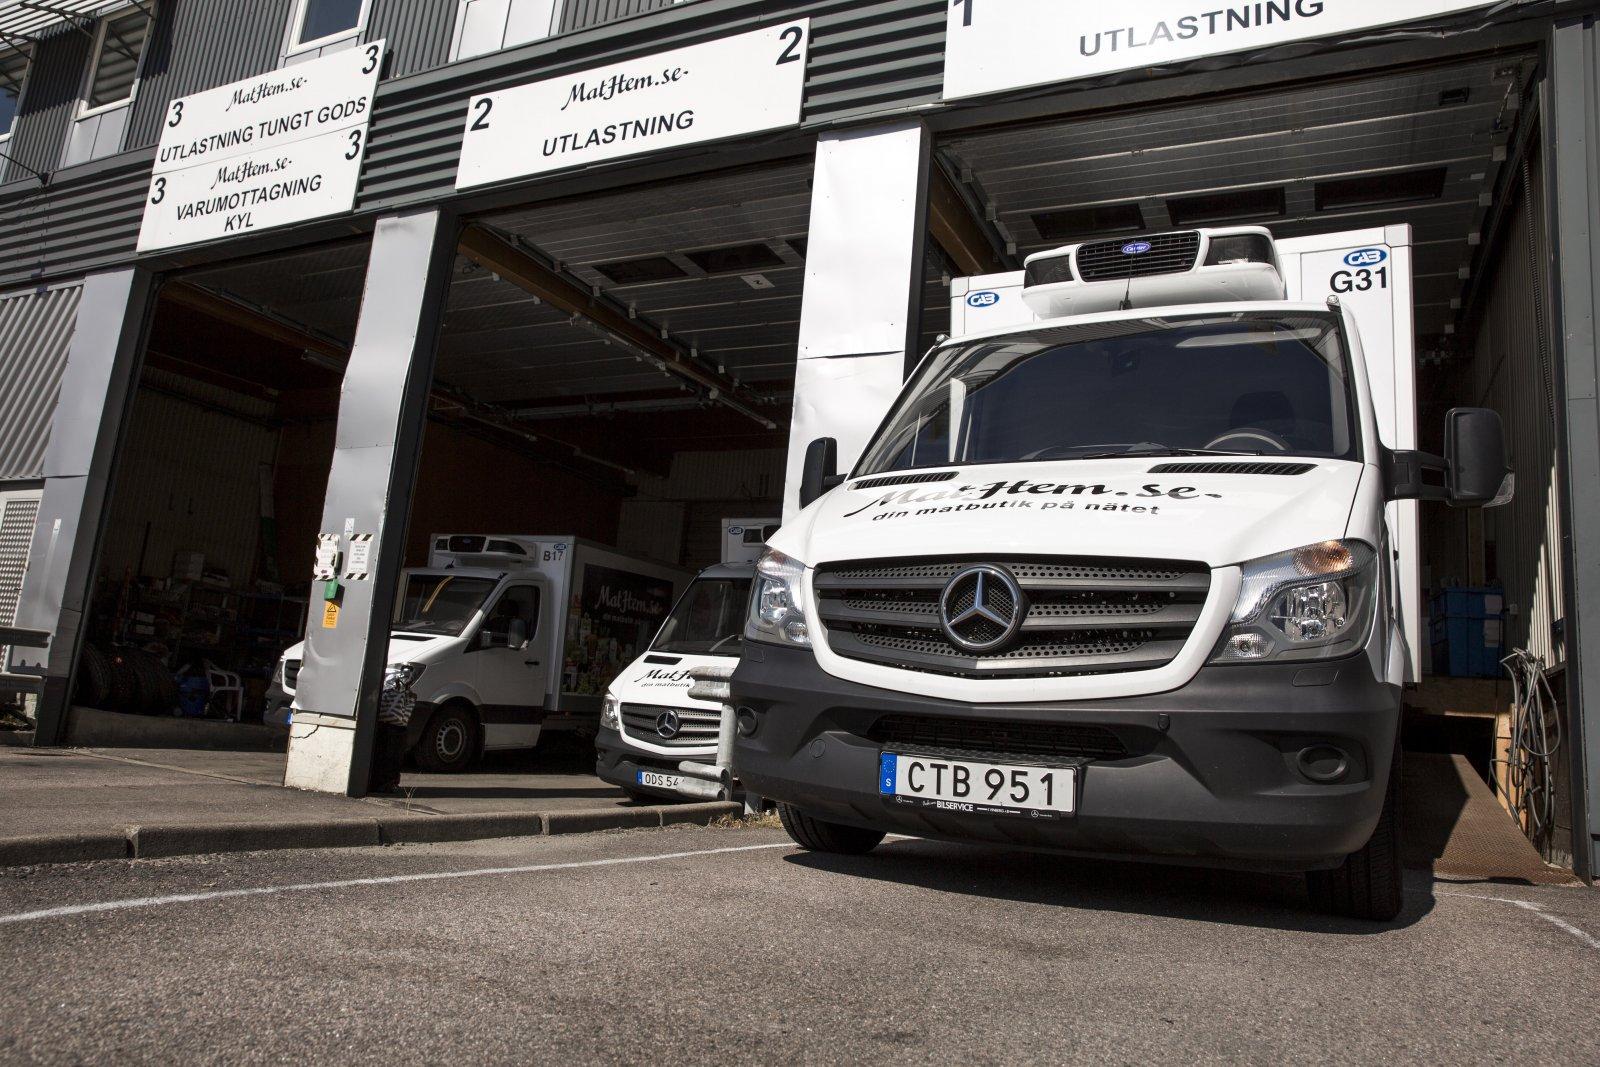 Bilarna utgår från Stockholm, Göteborg och Malmö och kör från tidig morgon till strax före midnatt.